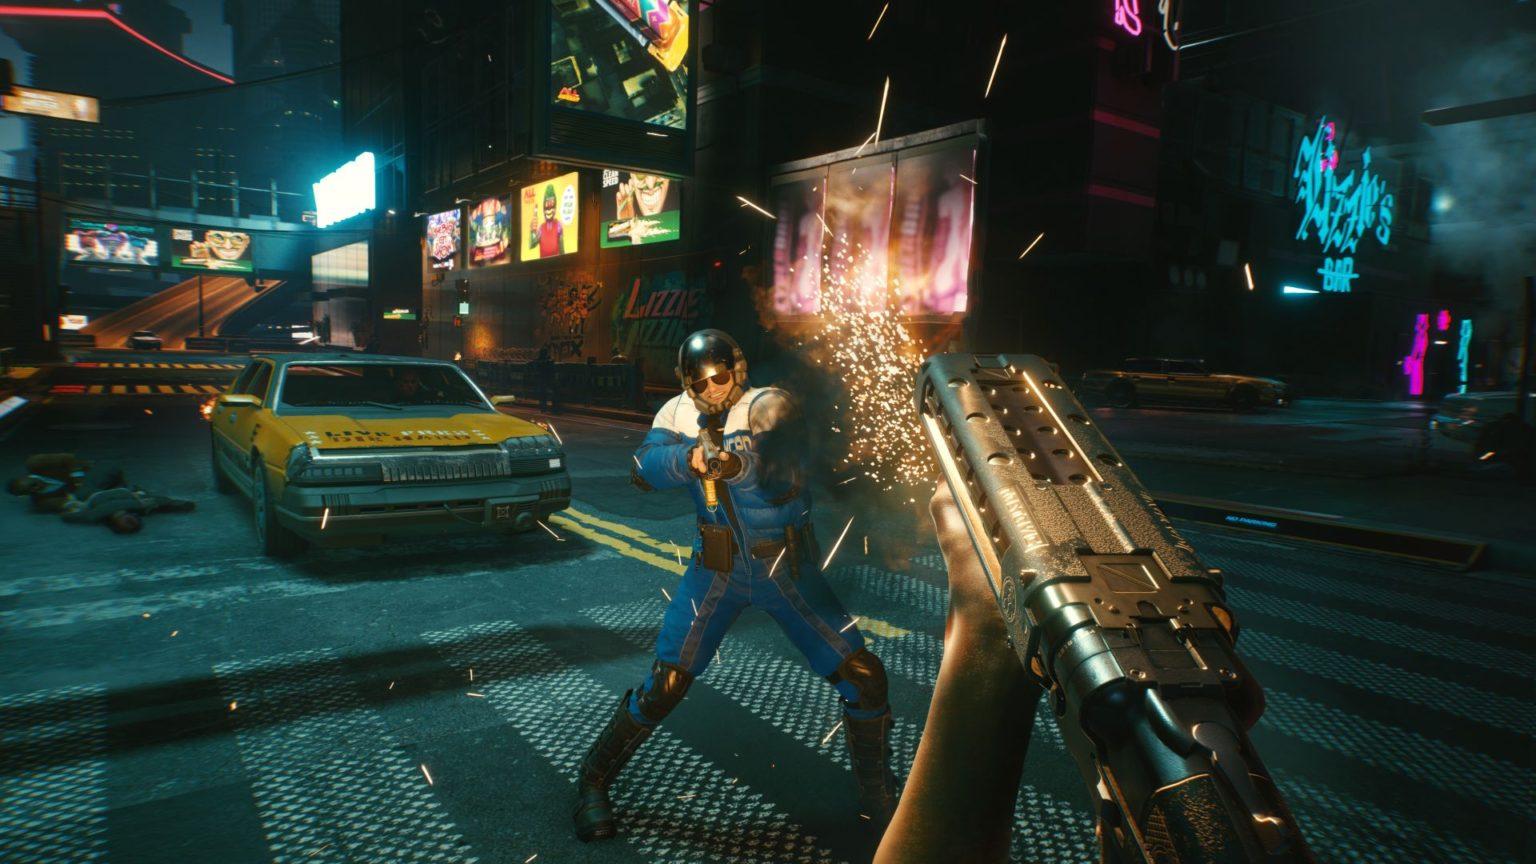 بازی جهان باز - Cyberpunk 2077